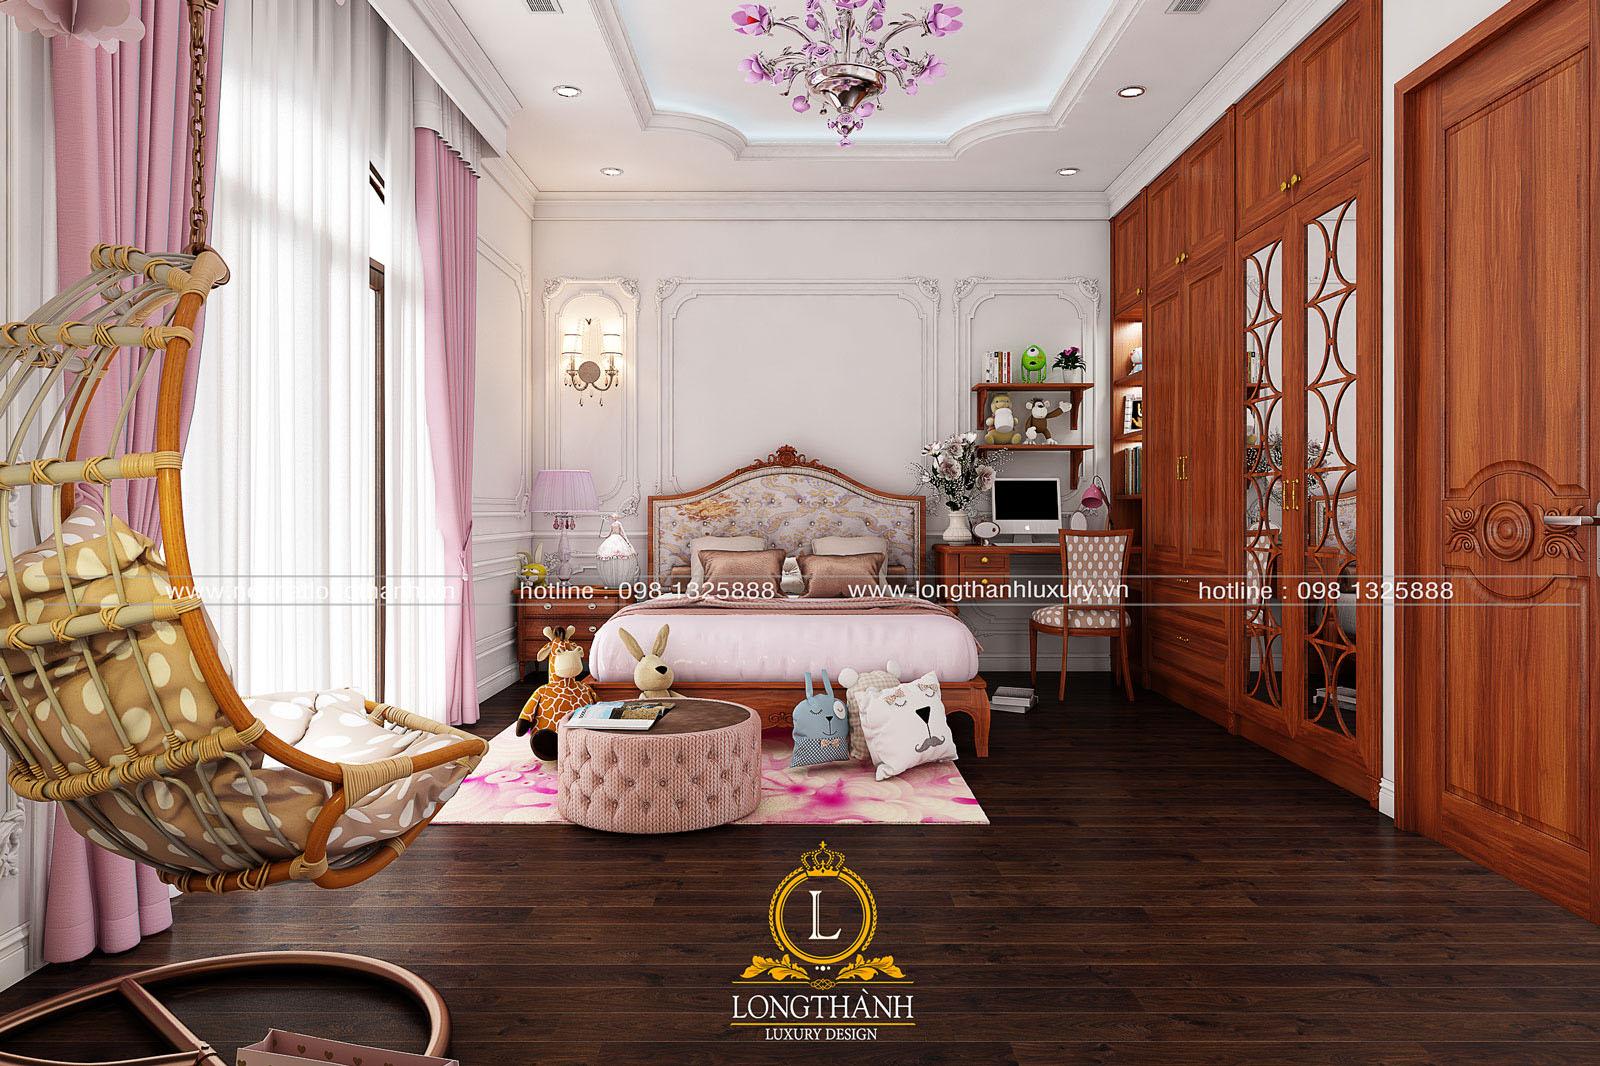 Phòng ngủ của cô con gái đáng yêu